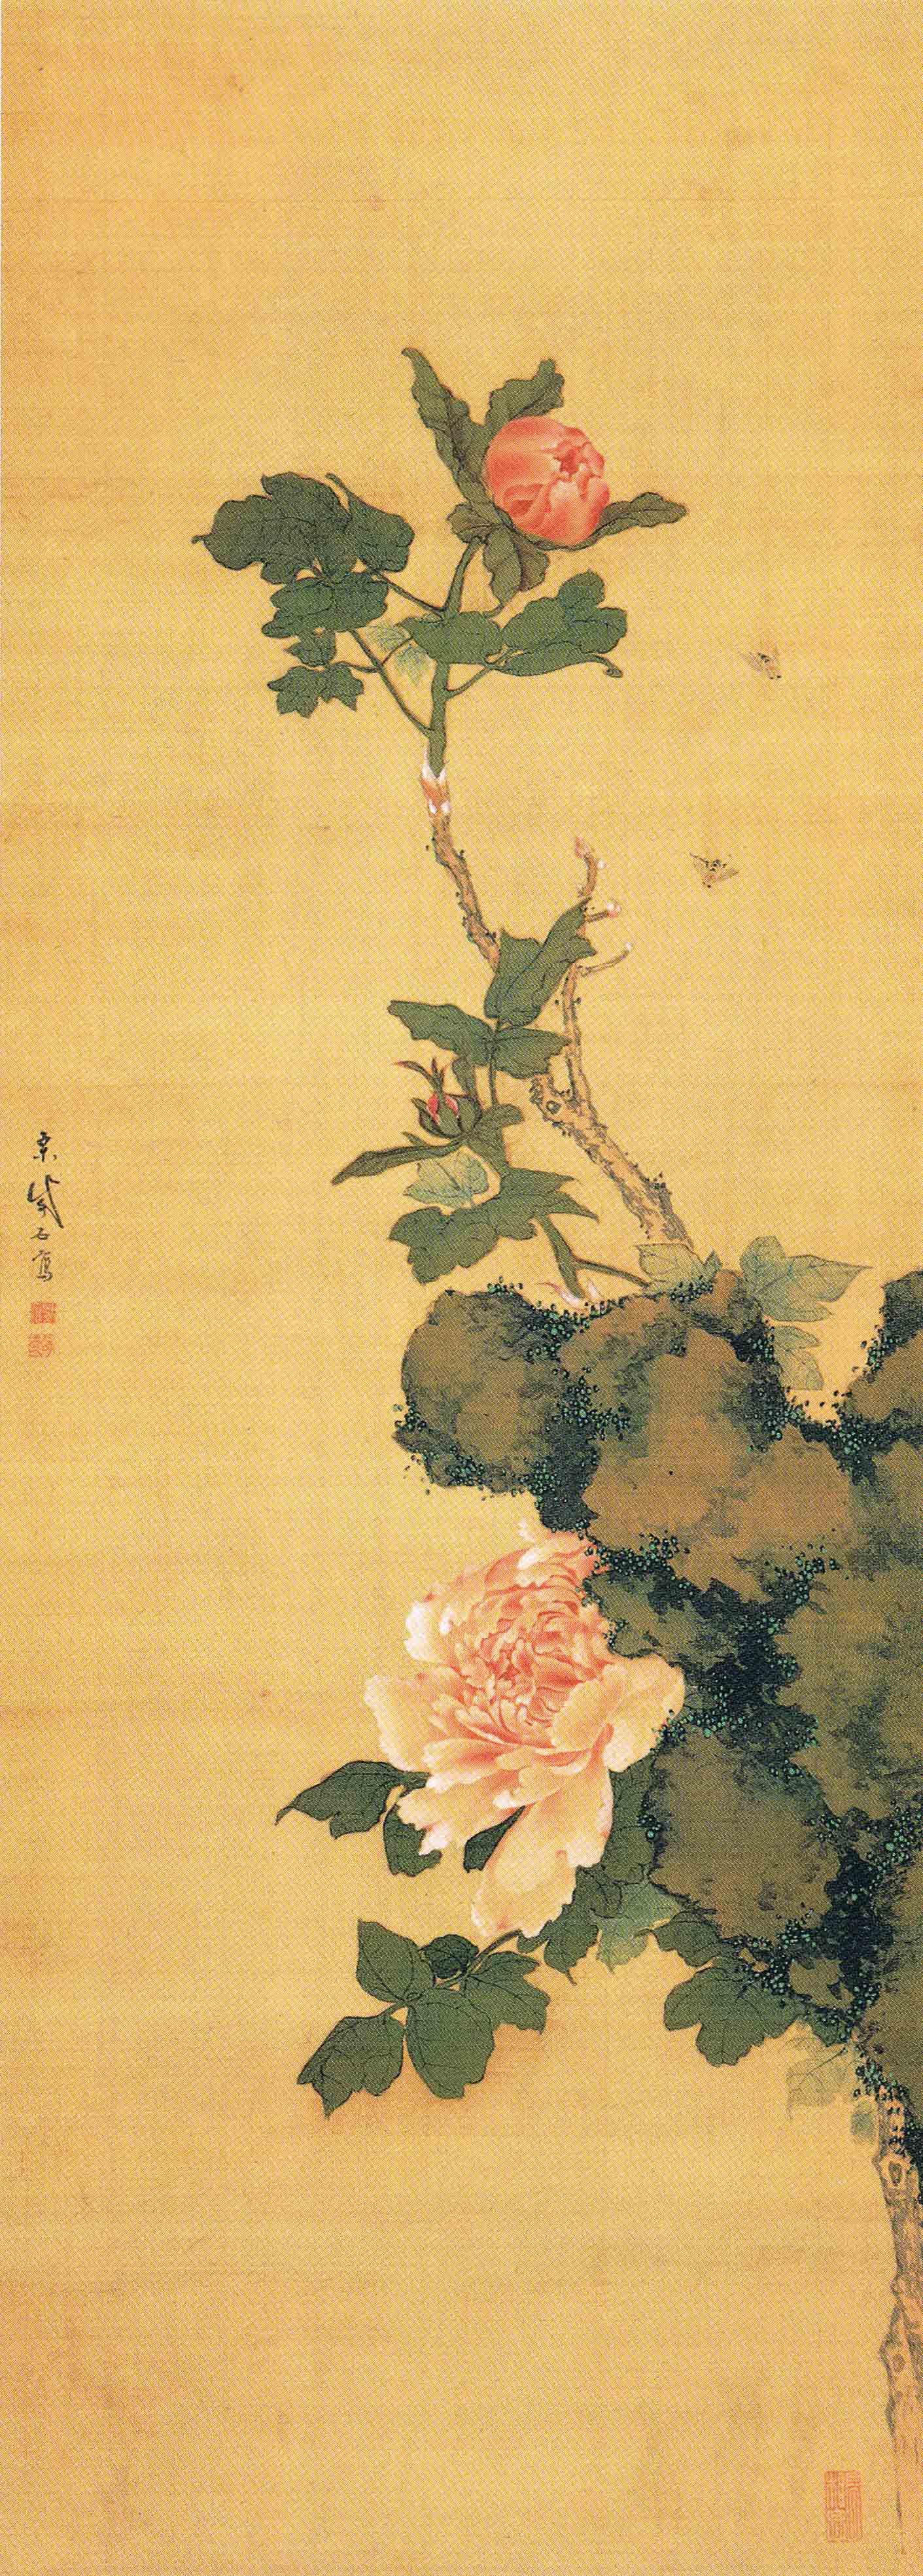 虎図の大橋翠石と岐阜の動物画家 - UAG美術家研究所